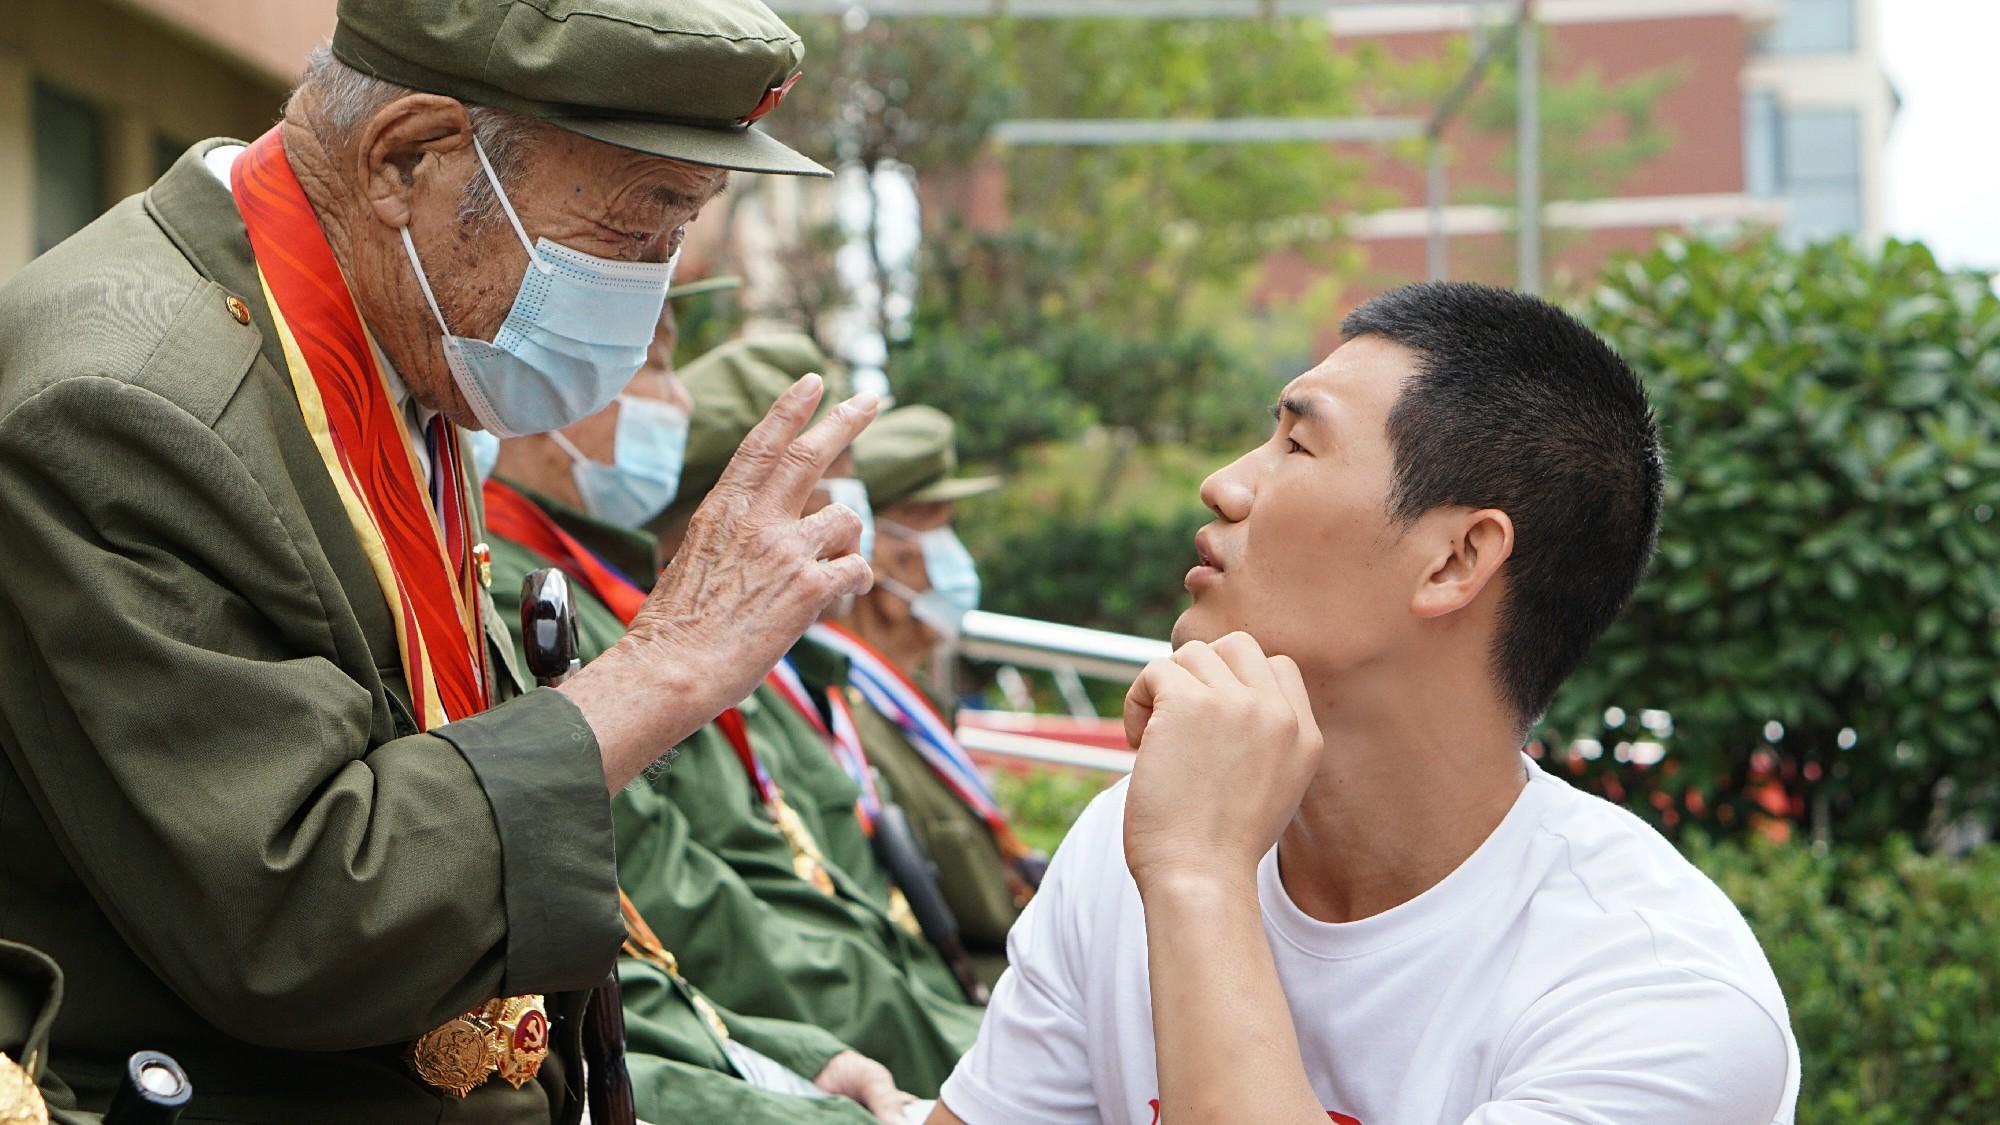 嘎子谢孟伟探望抗战老兵惹争议 网友:不要让明星公益寒了心